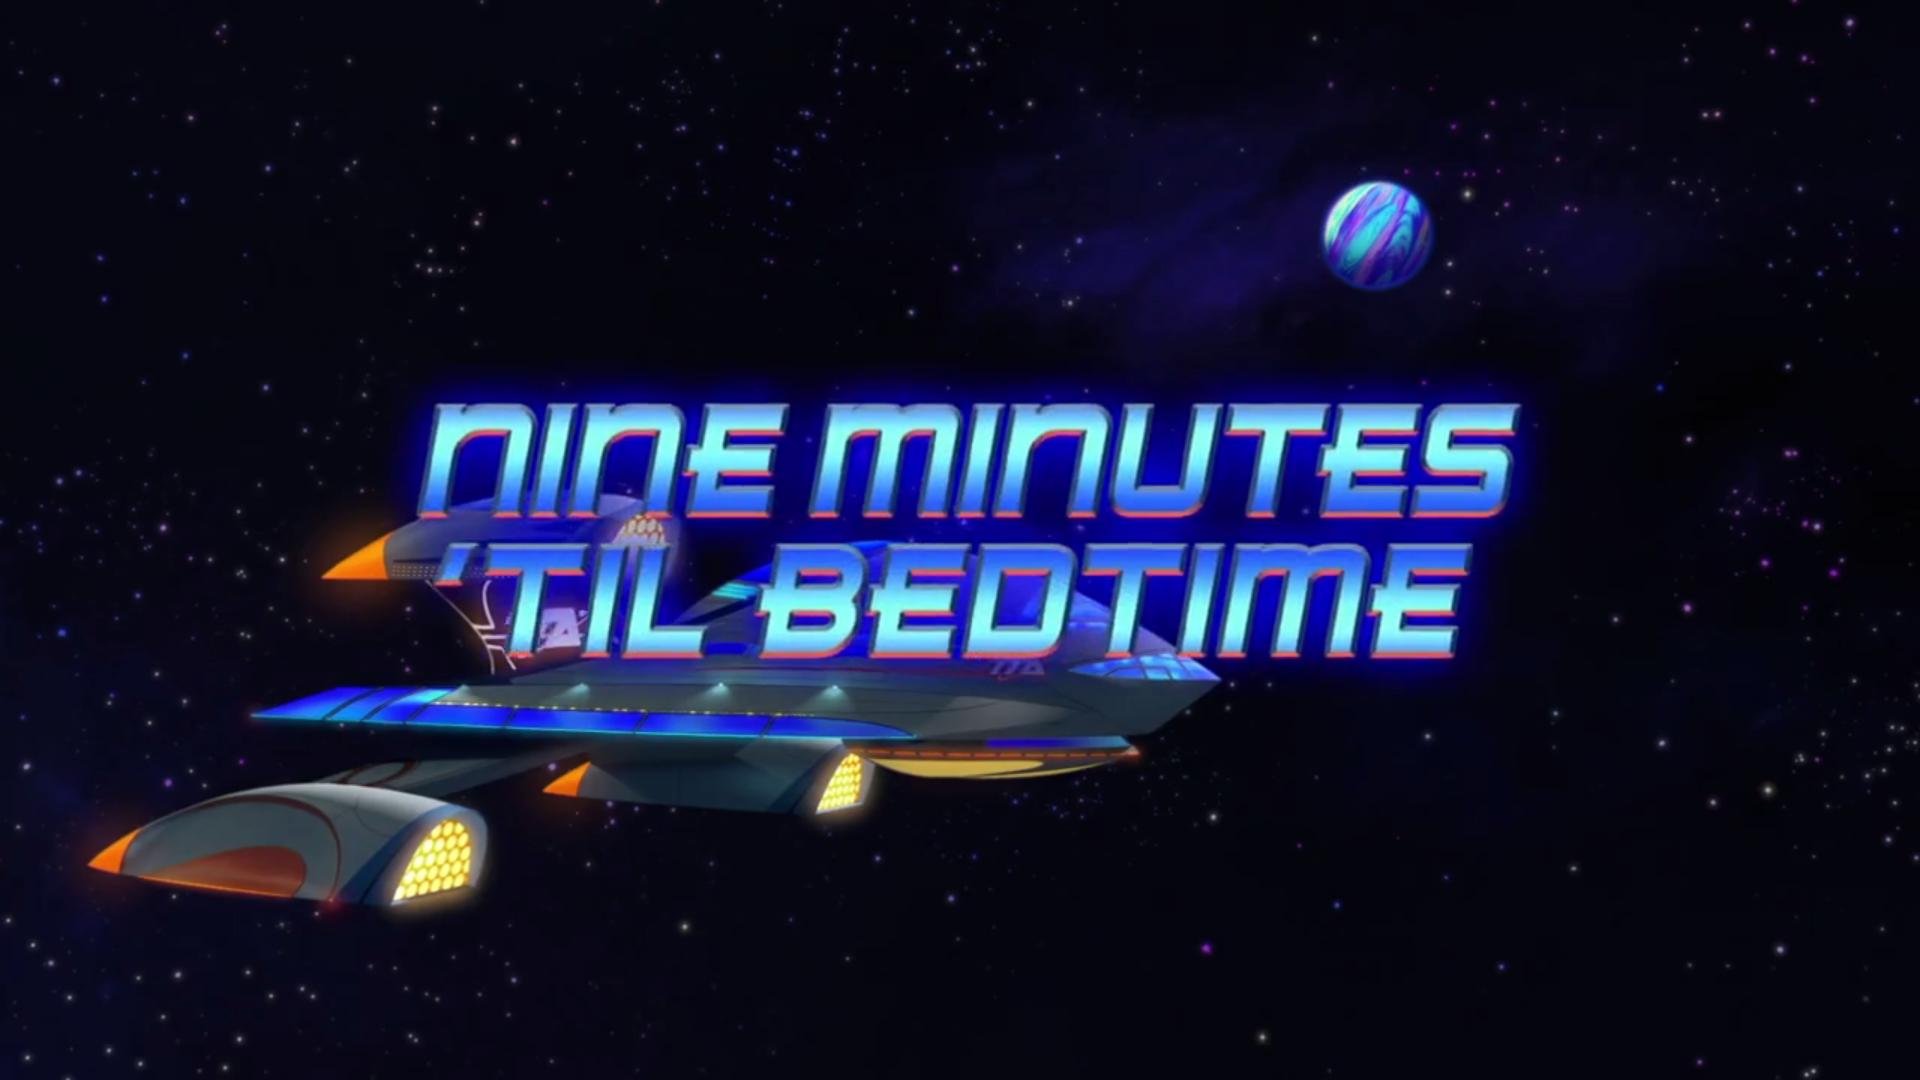 Nine Minutes 'Til Bedtime